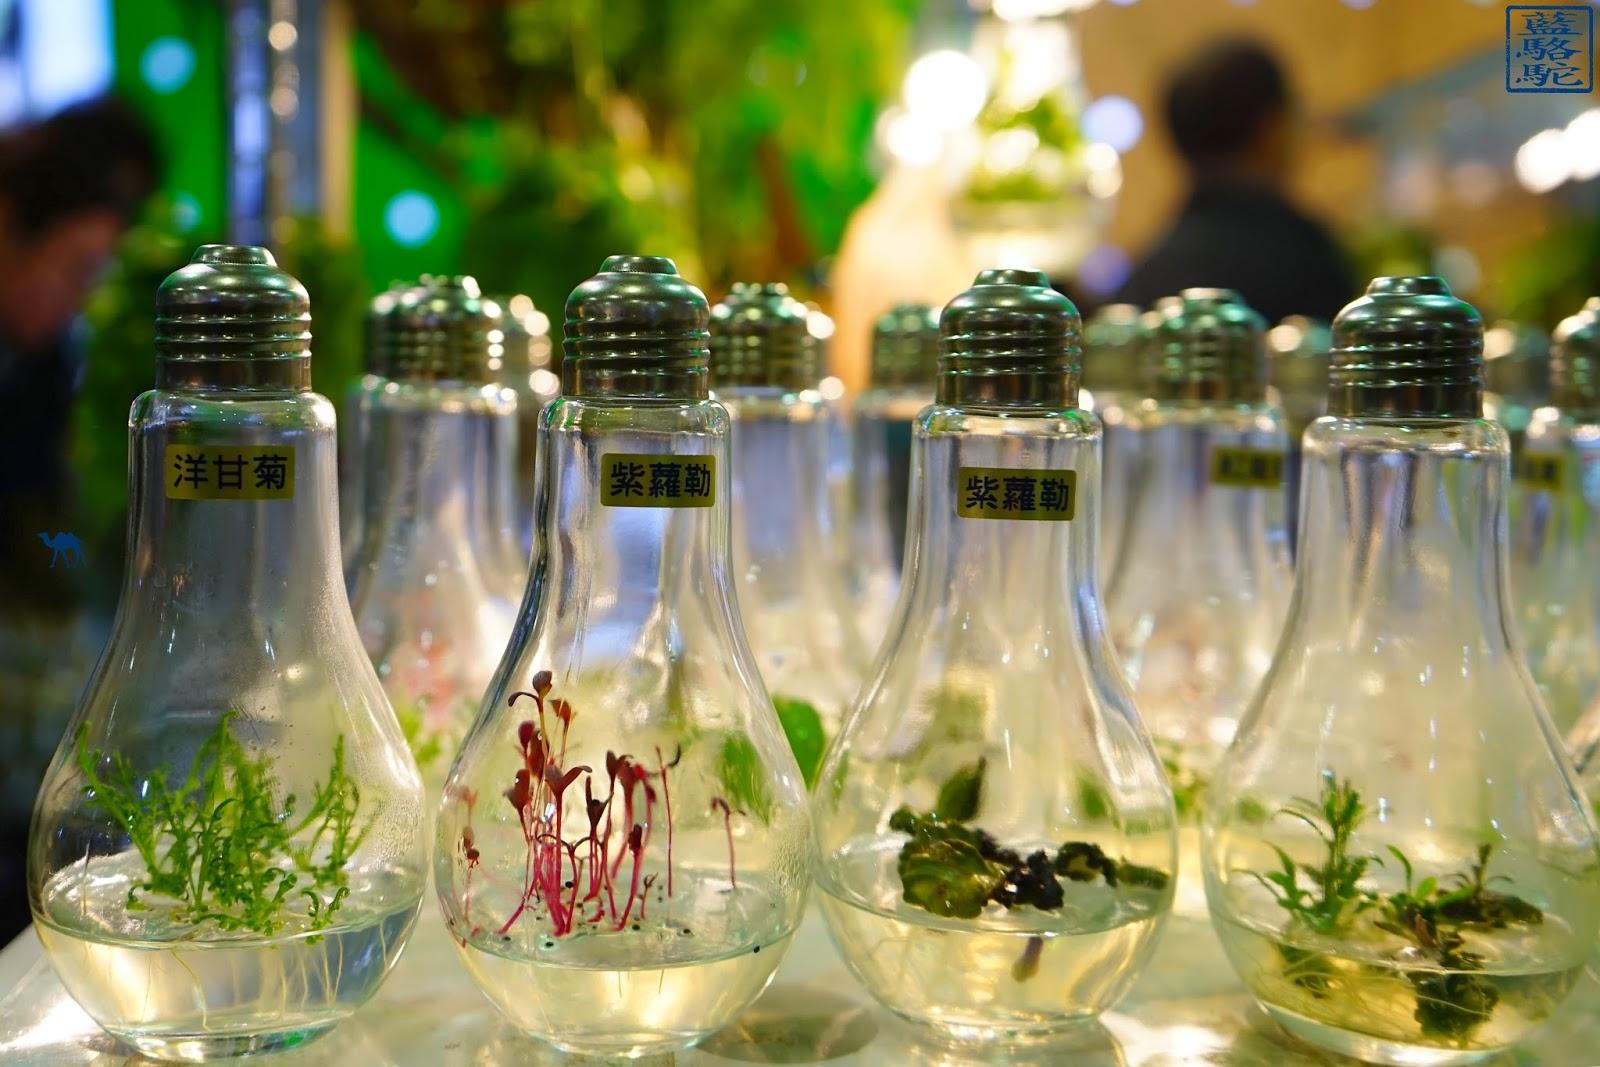 Le Chameau Bleu - Plantes dans des ampoules au marché au fleur de Taipei - Taiwan